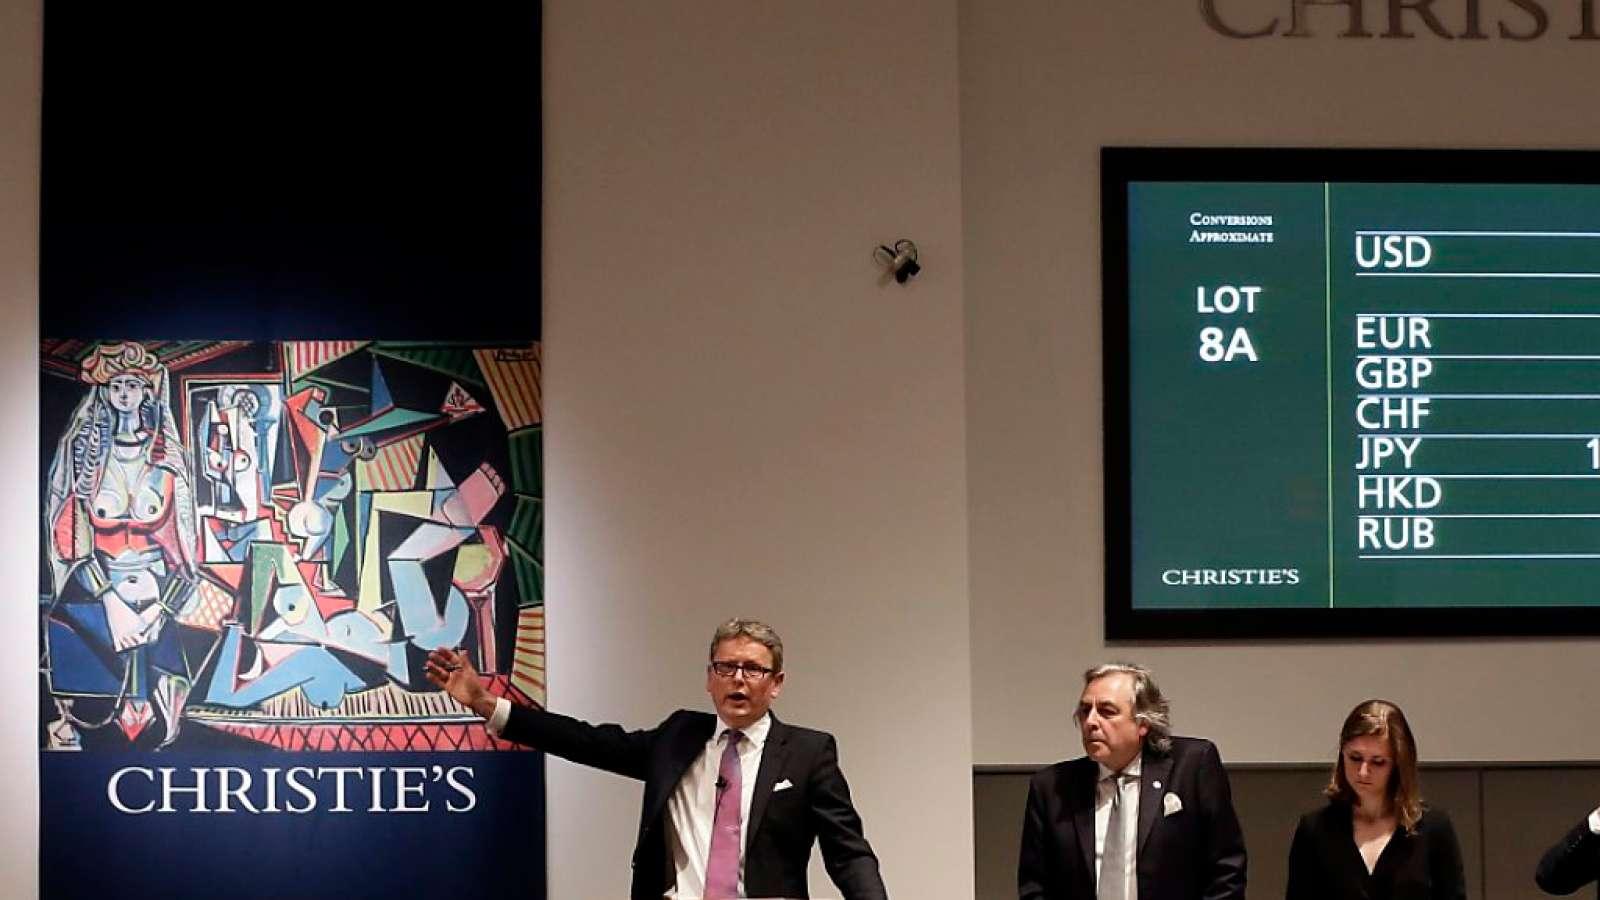 Bei dem Auktionshaus Christie's wurde ein Picasso für 45 Millionen Dollar versteigert. (Archivbild von früherer Picasso-Auktion)